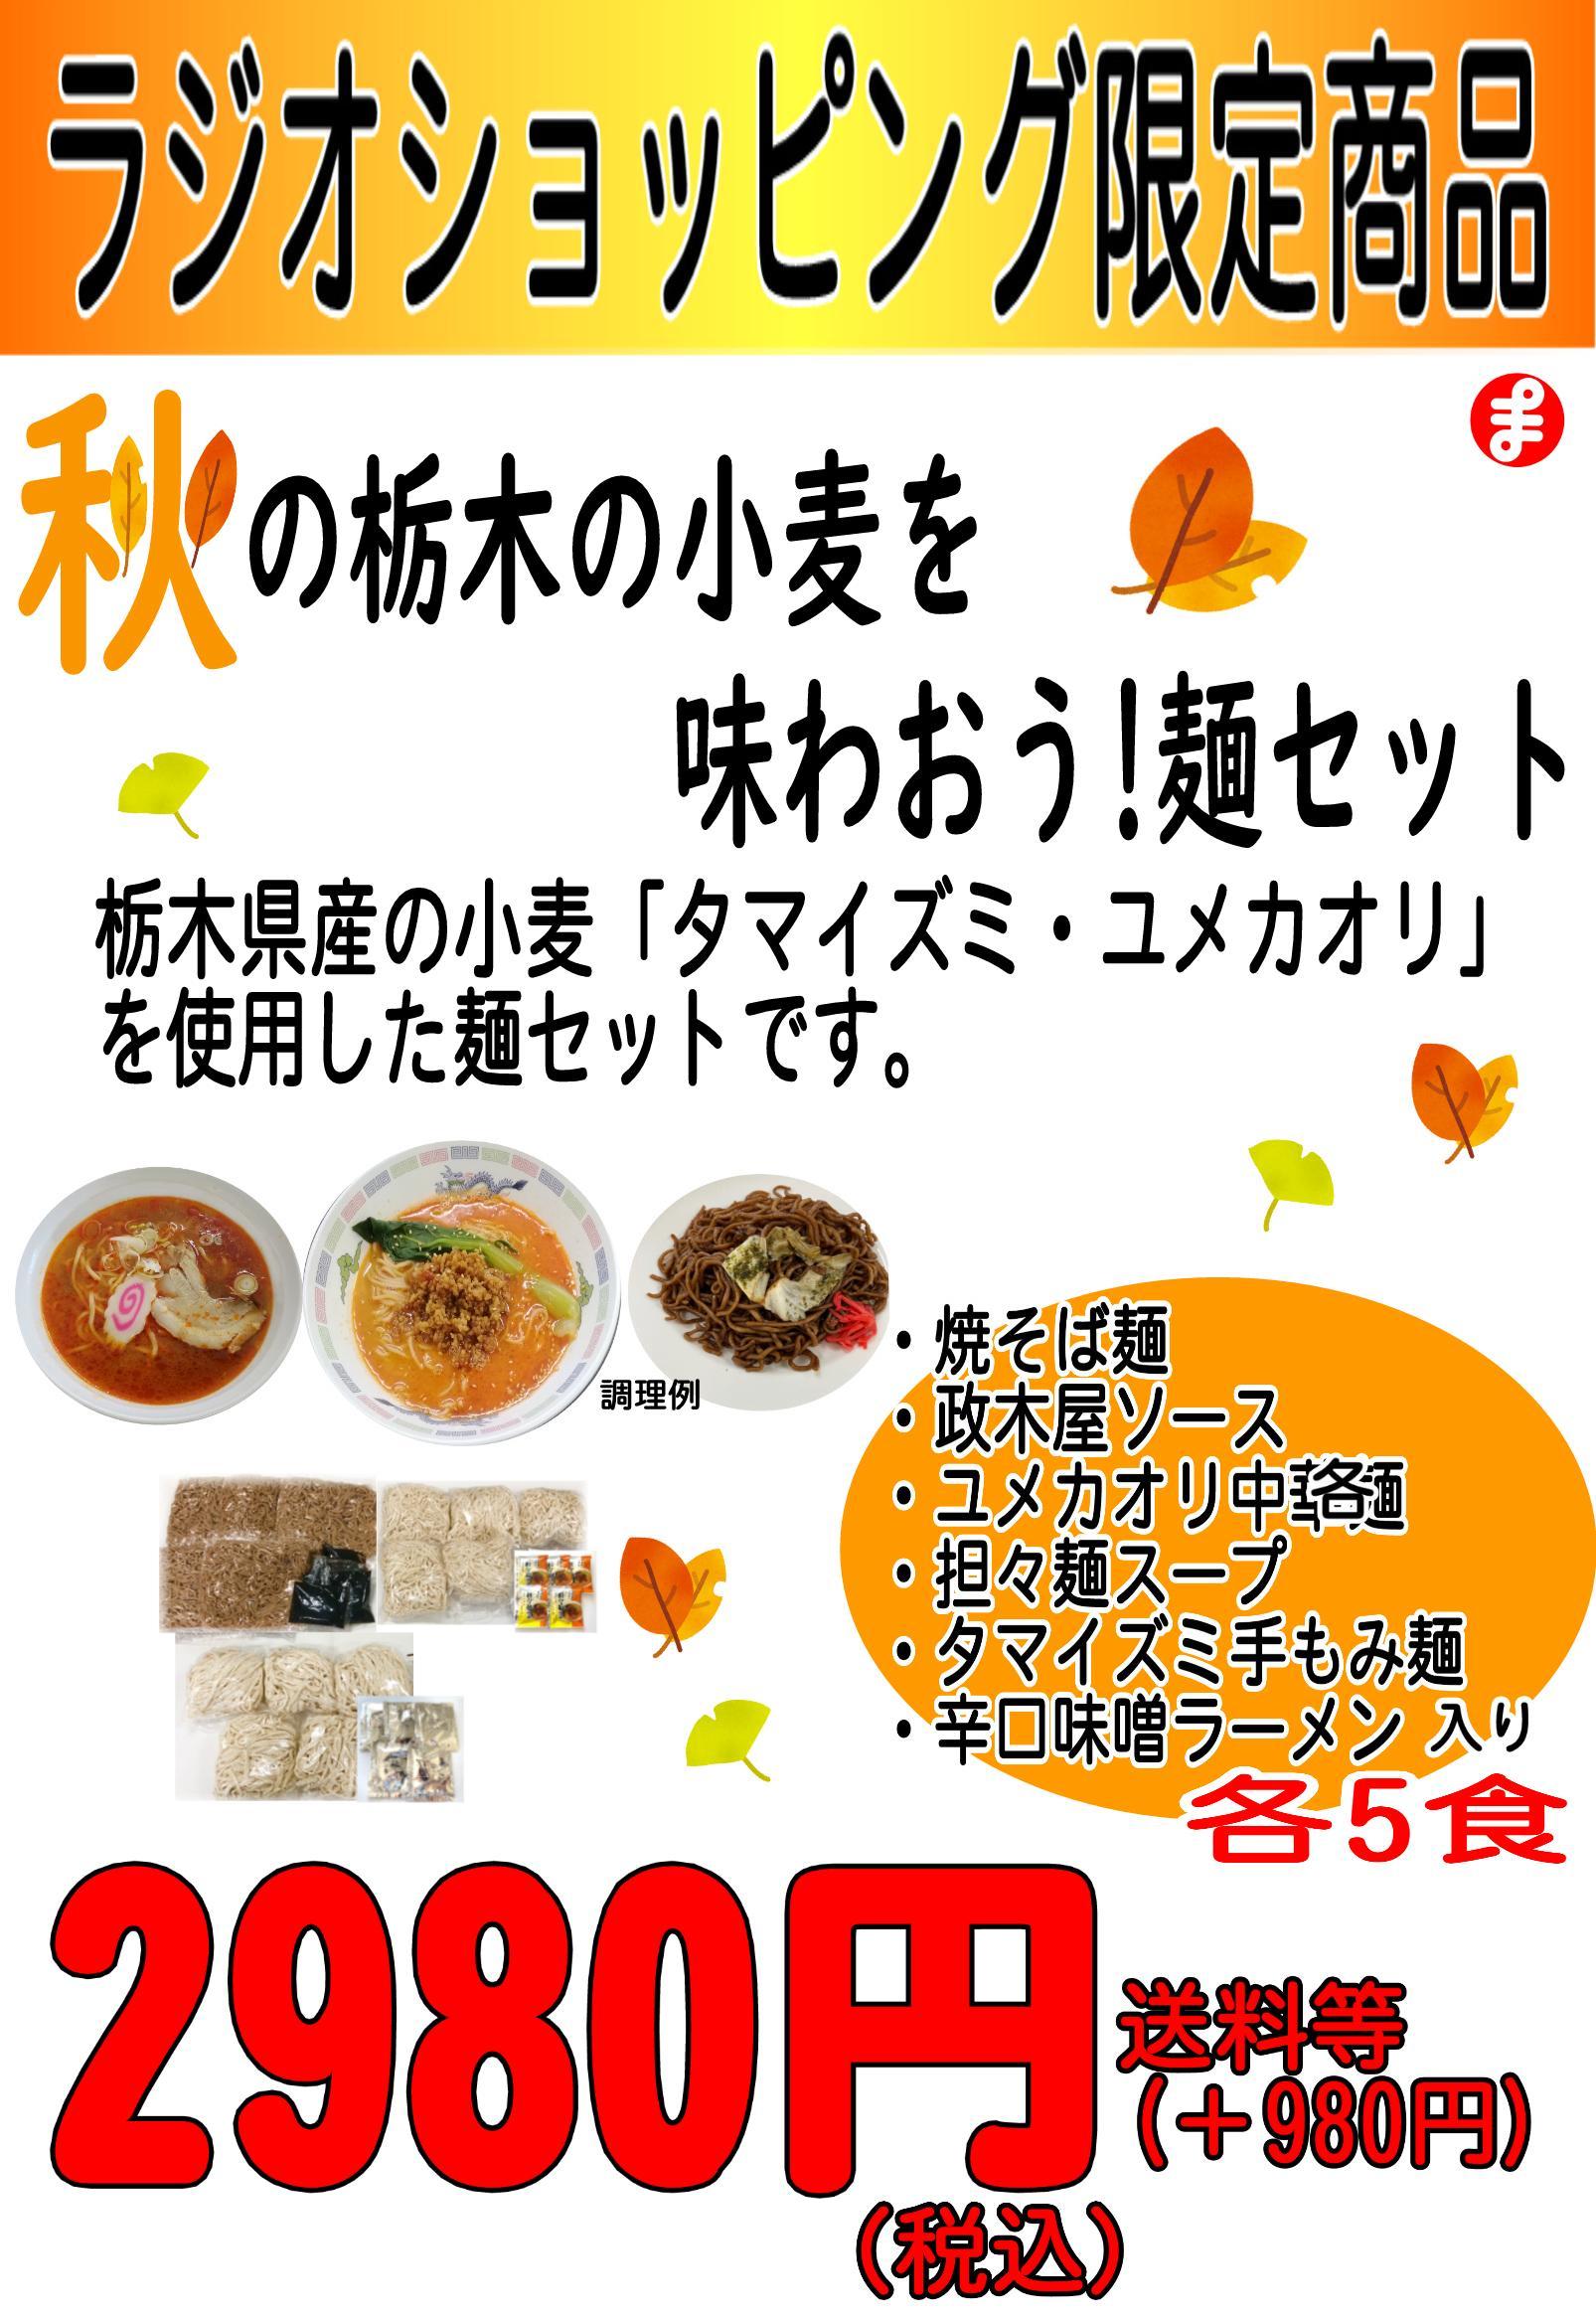 栃木の小麦を味わおう!麺セット